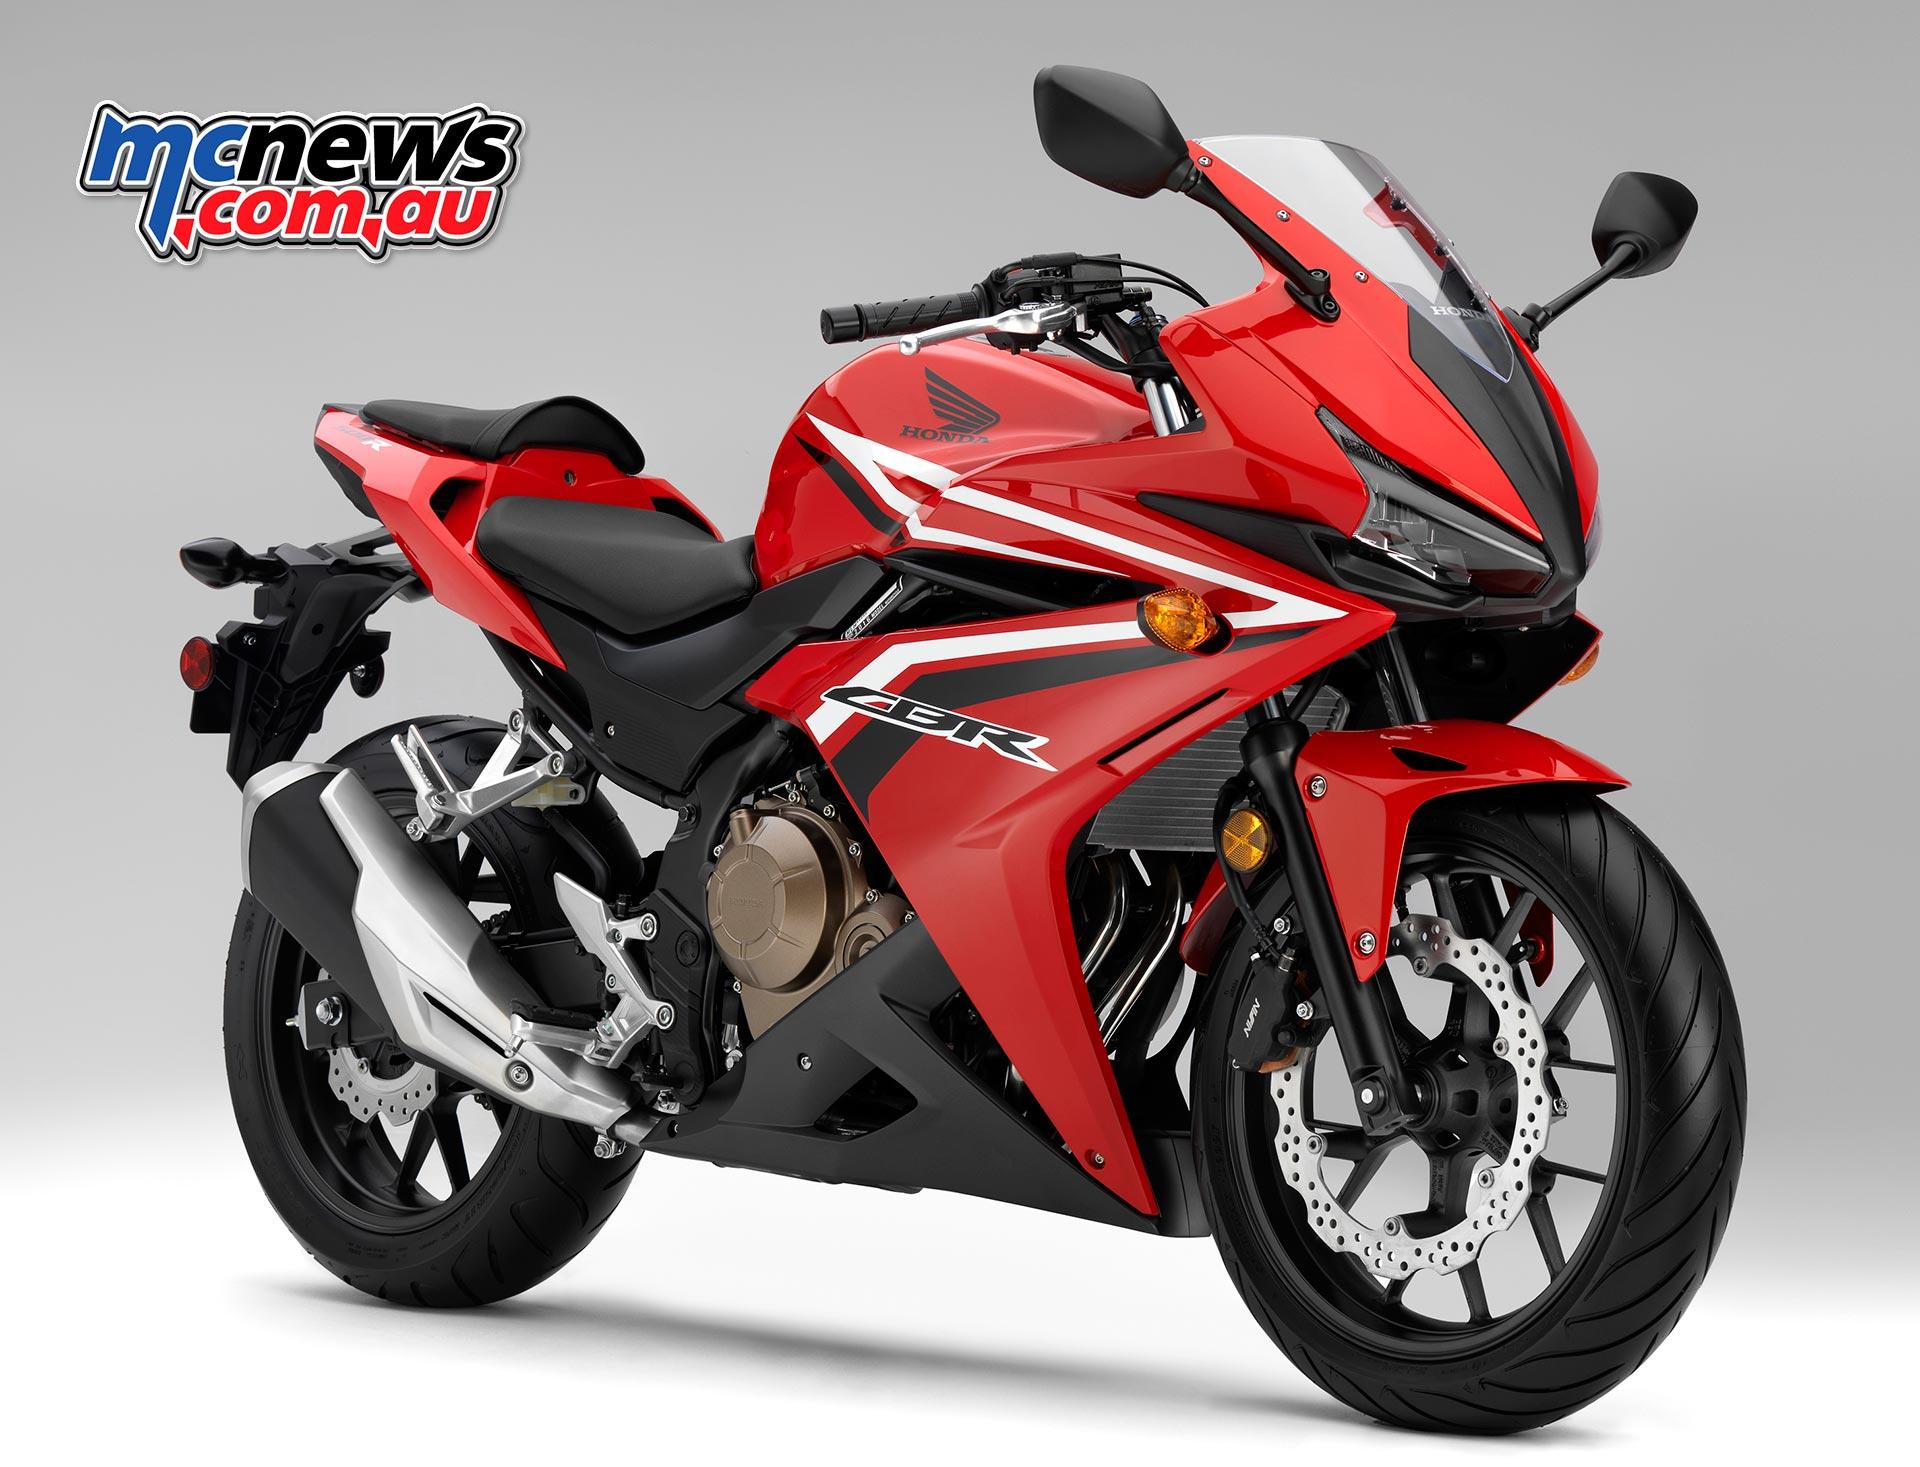 New 2016 Honda CBR500R Released | MCNews.com.au